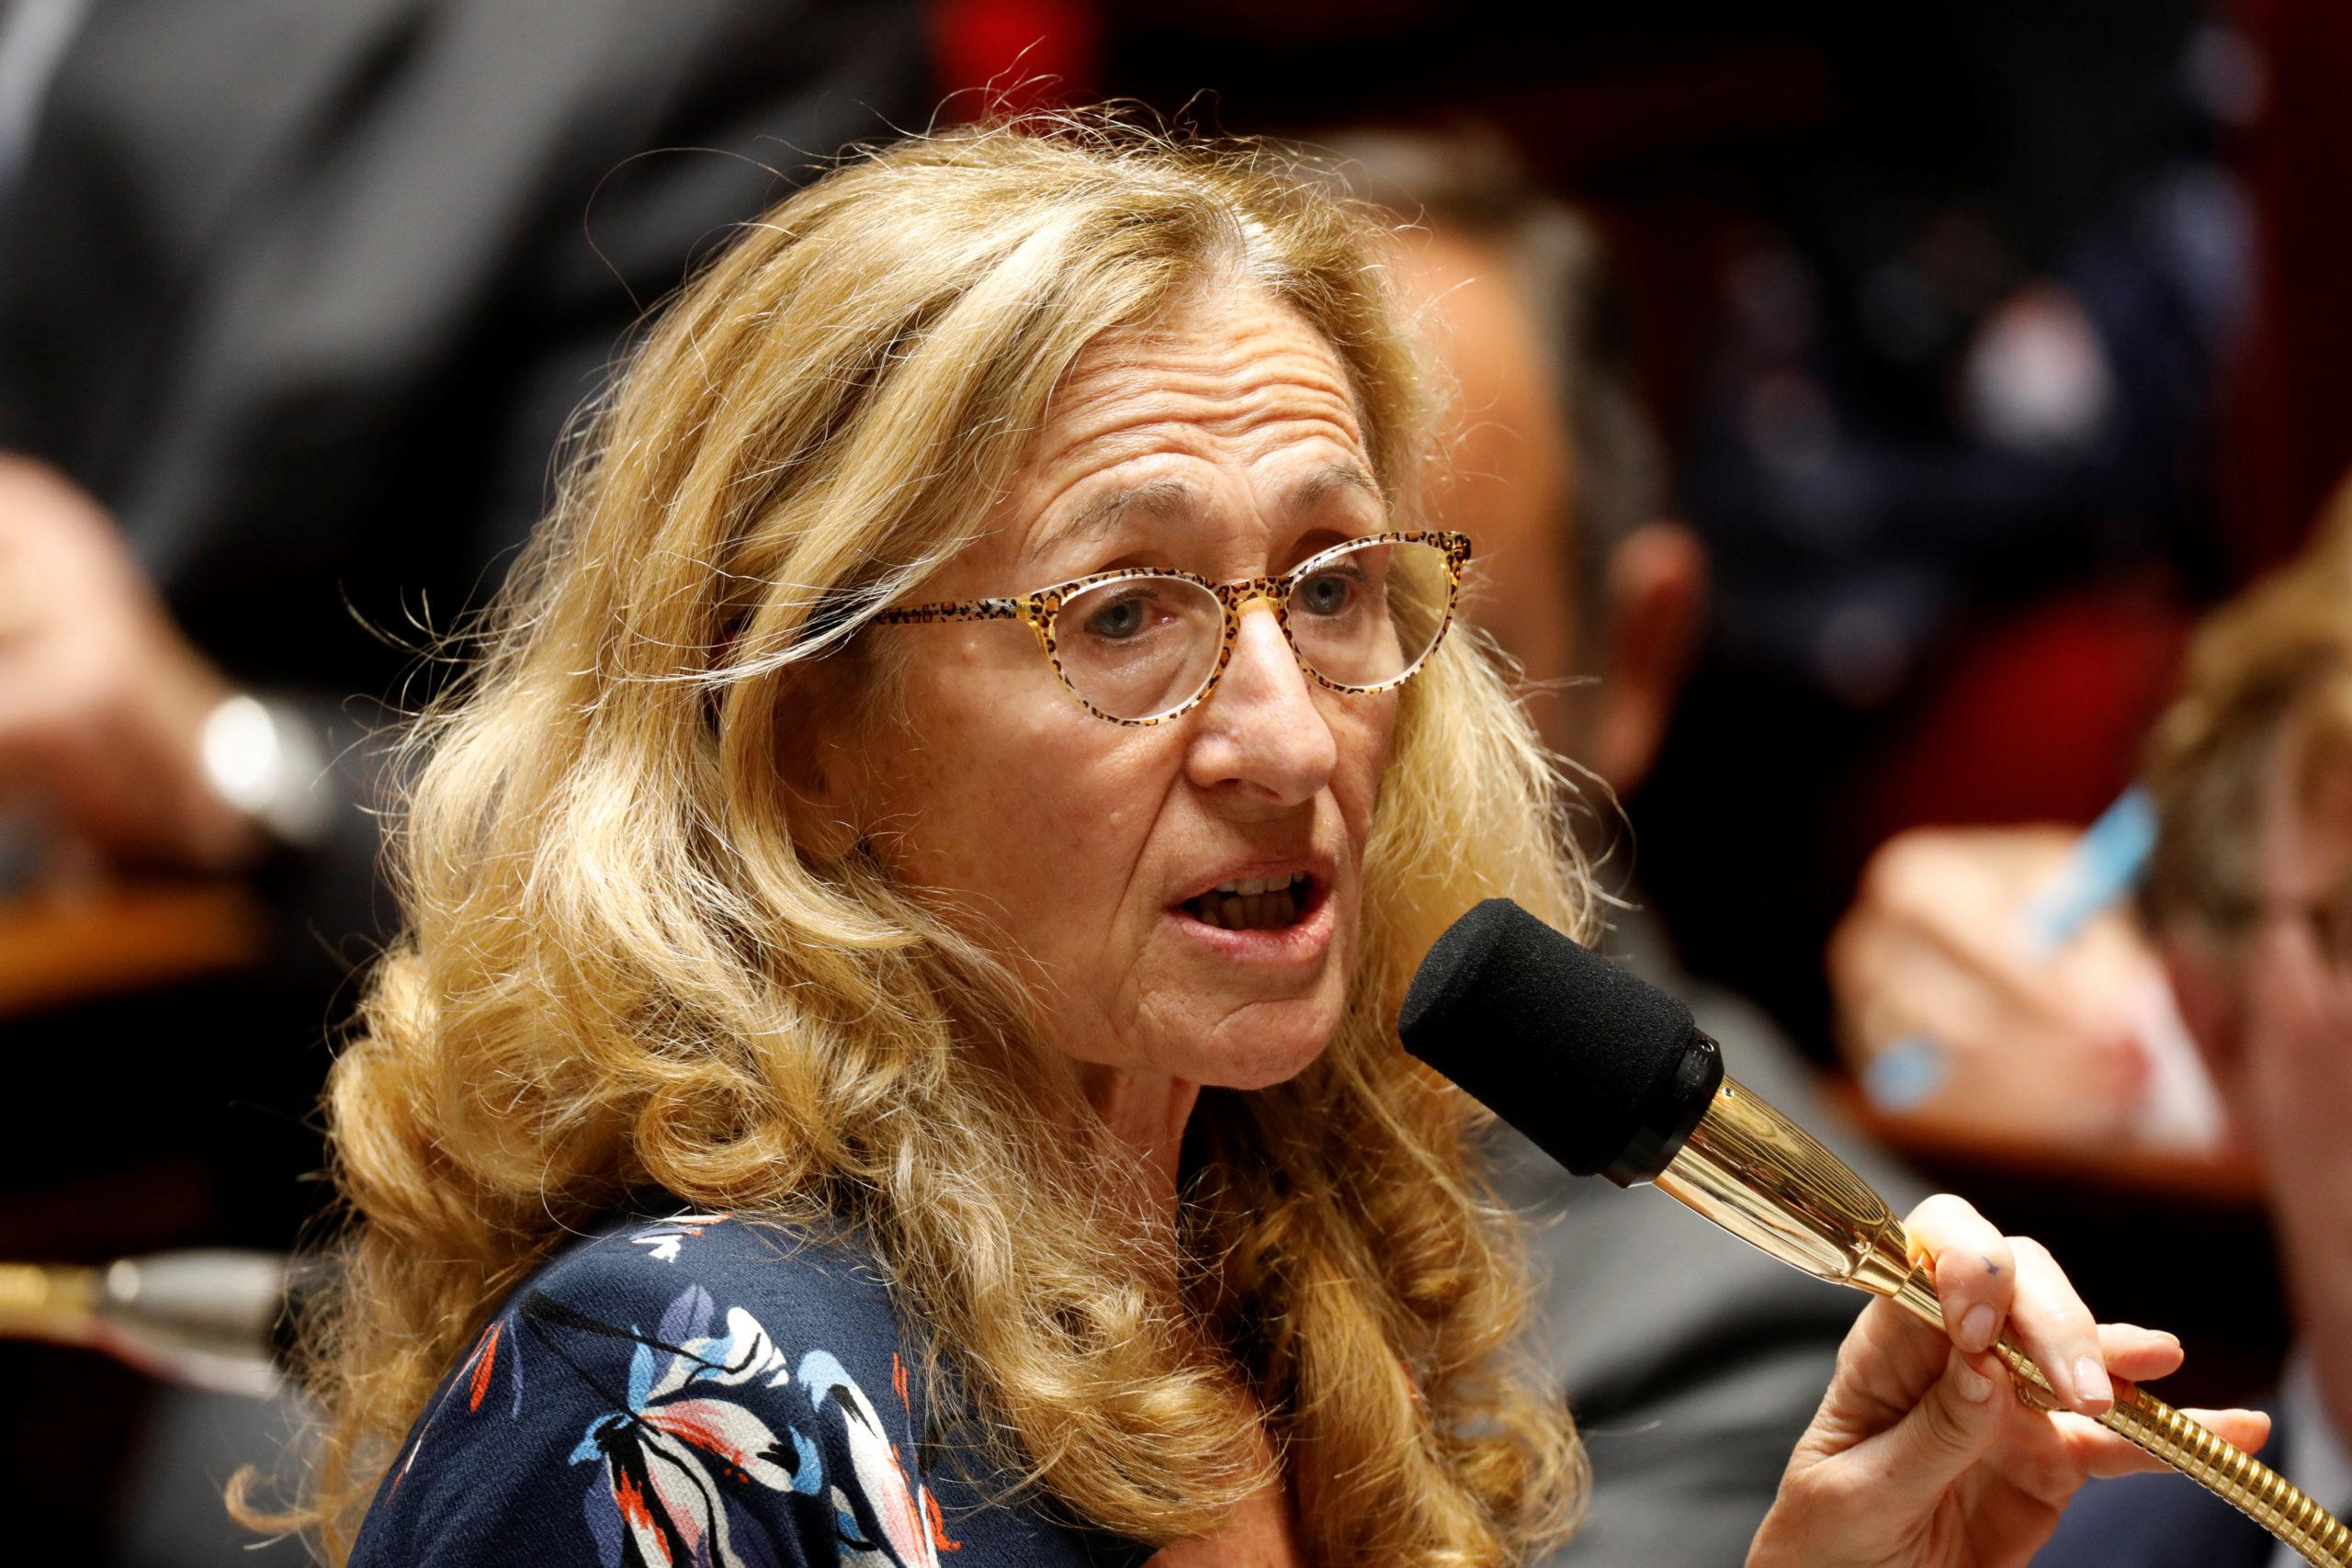 La ministre de la Justice Nicole Belloubet fait son mea culpa dans les colonnes du Journal du Dimanche en déplorant des dysfonctionnements dans le traitement pénal des violences domestiques contre les femmes et des féminicides. /Photo d'archives/REUTERS/Charles Platiau